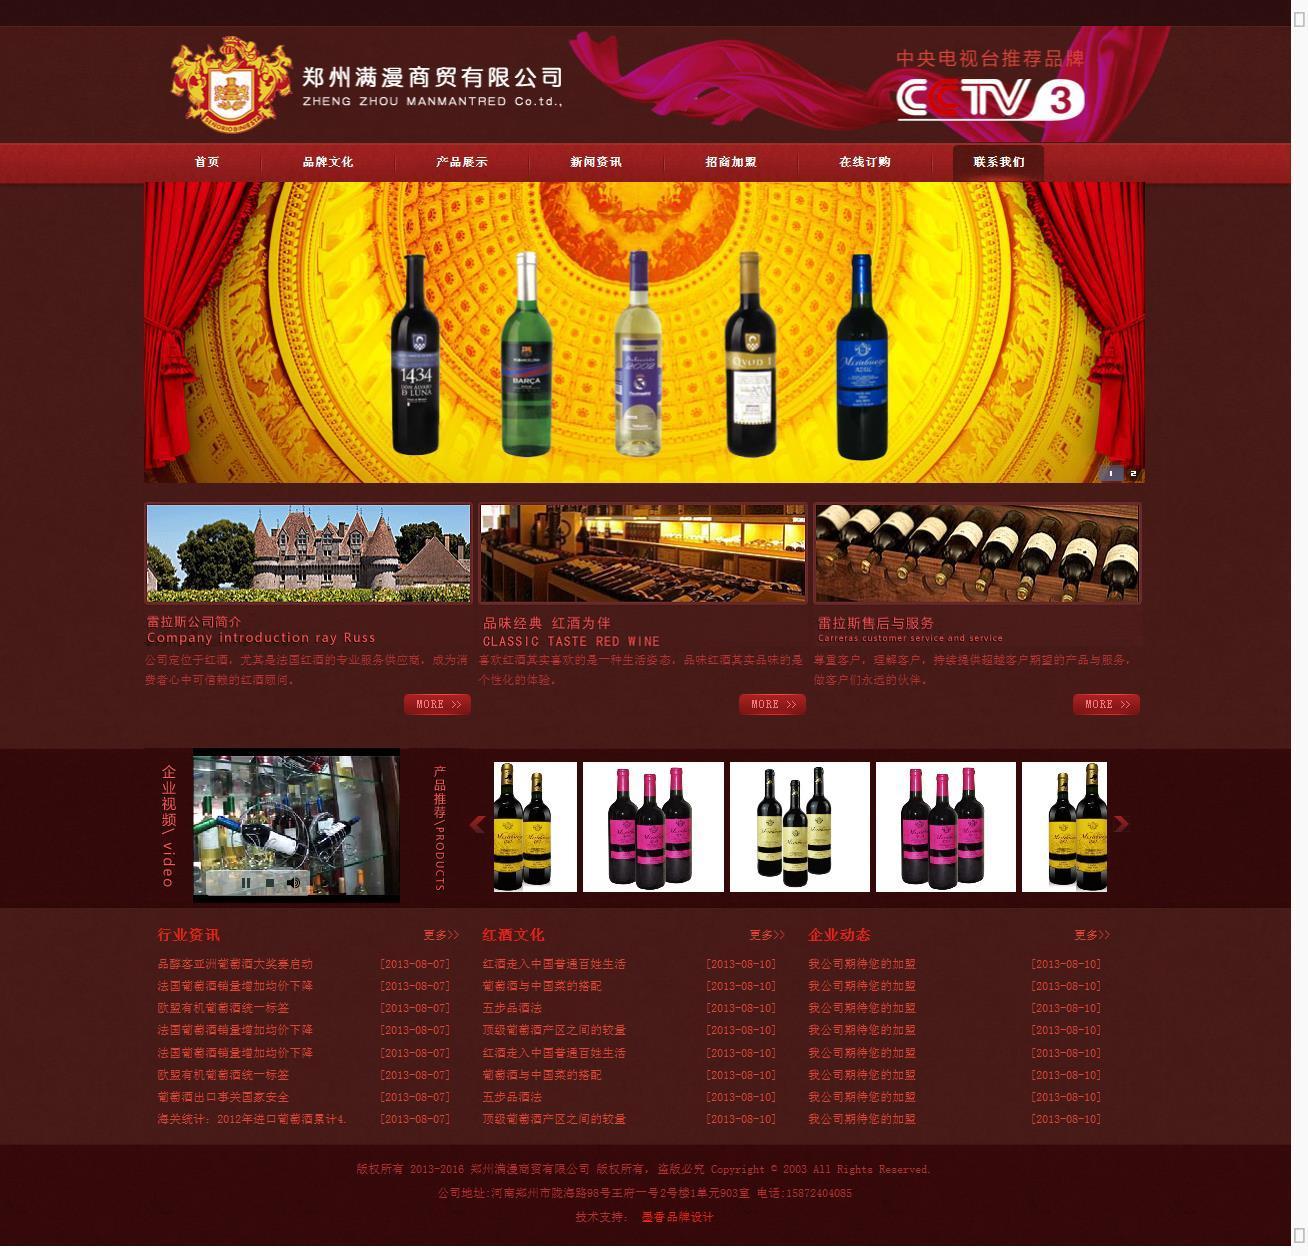 郑州满漫商贸有限公司亿博国际网址设计制作效果图